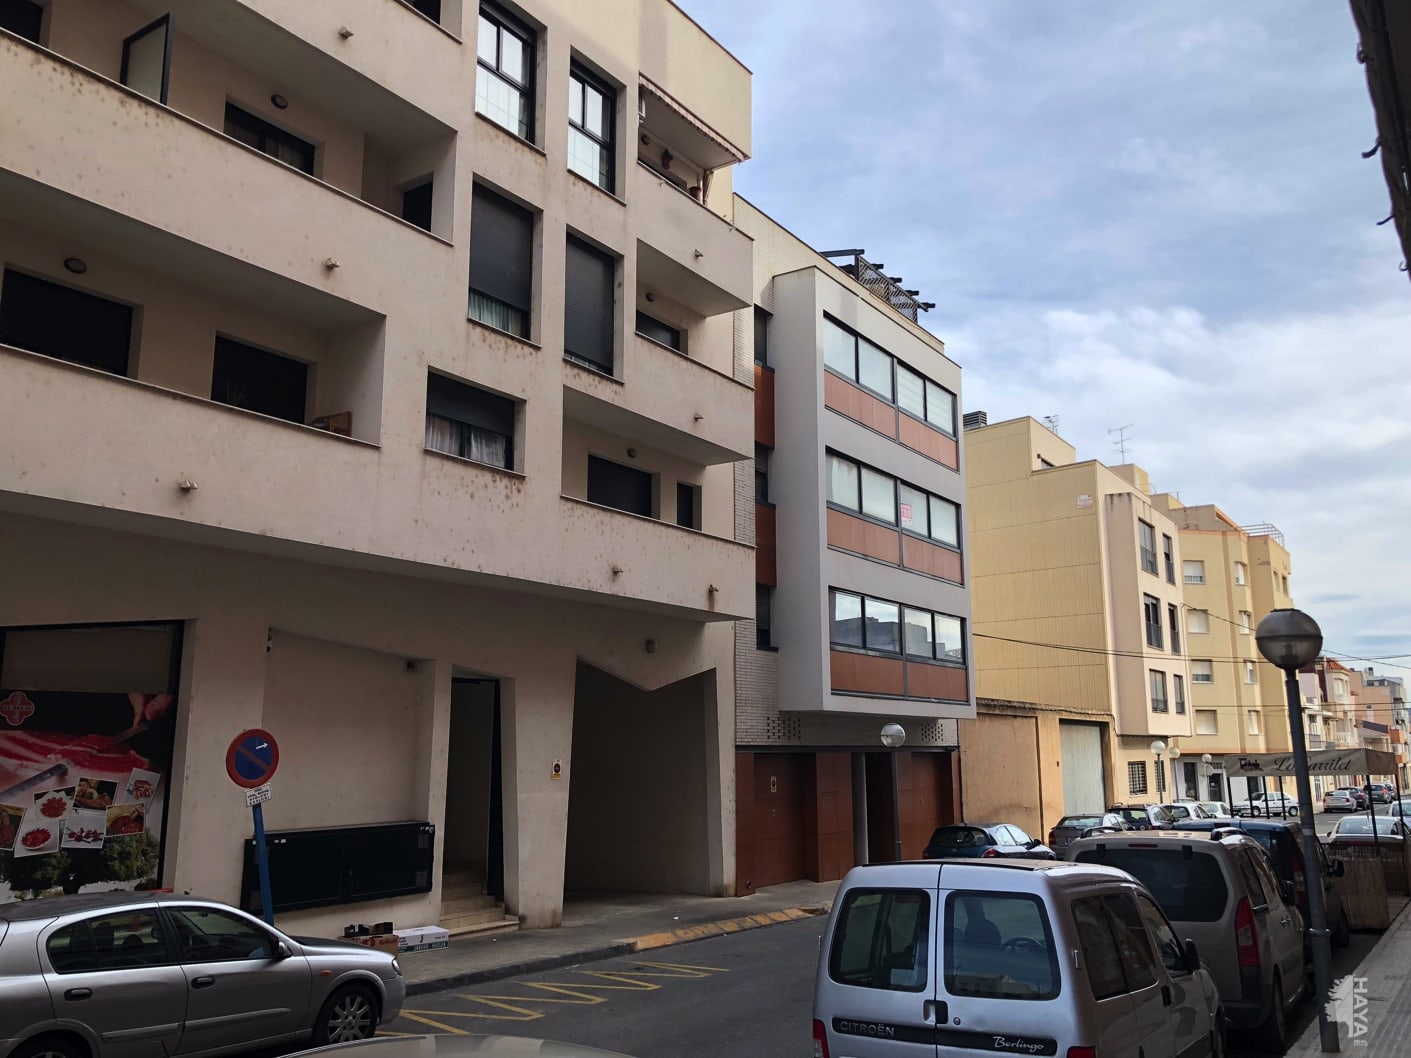 Piso en venta en Amposta, Tarragona, Calle Brasil, 55.000 €, 3 habitaciones, 2 baños, 92 m2